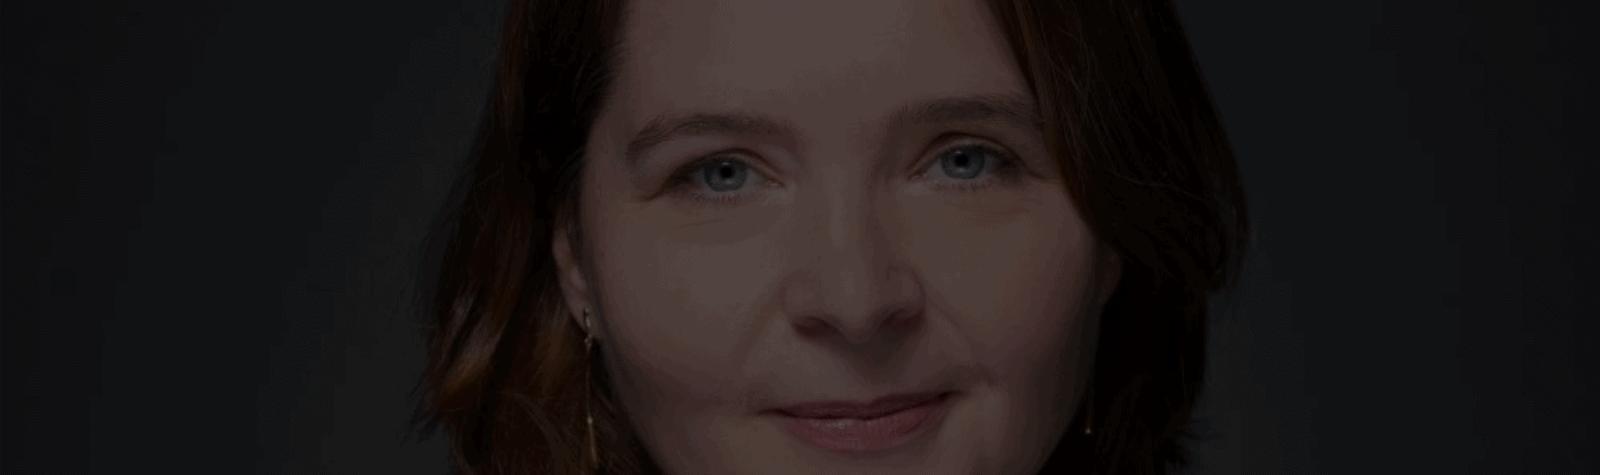 Annabelle Joyaux nouvelle Directrice Commerciale Grands Comptes d'AVELTYS